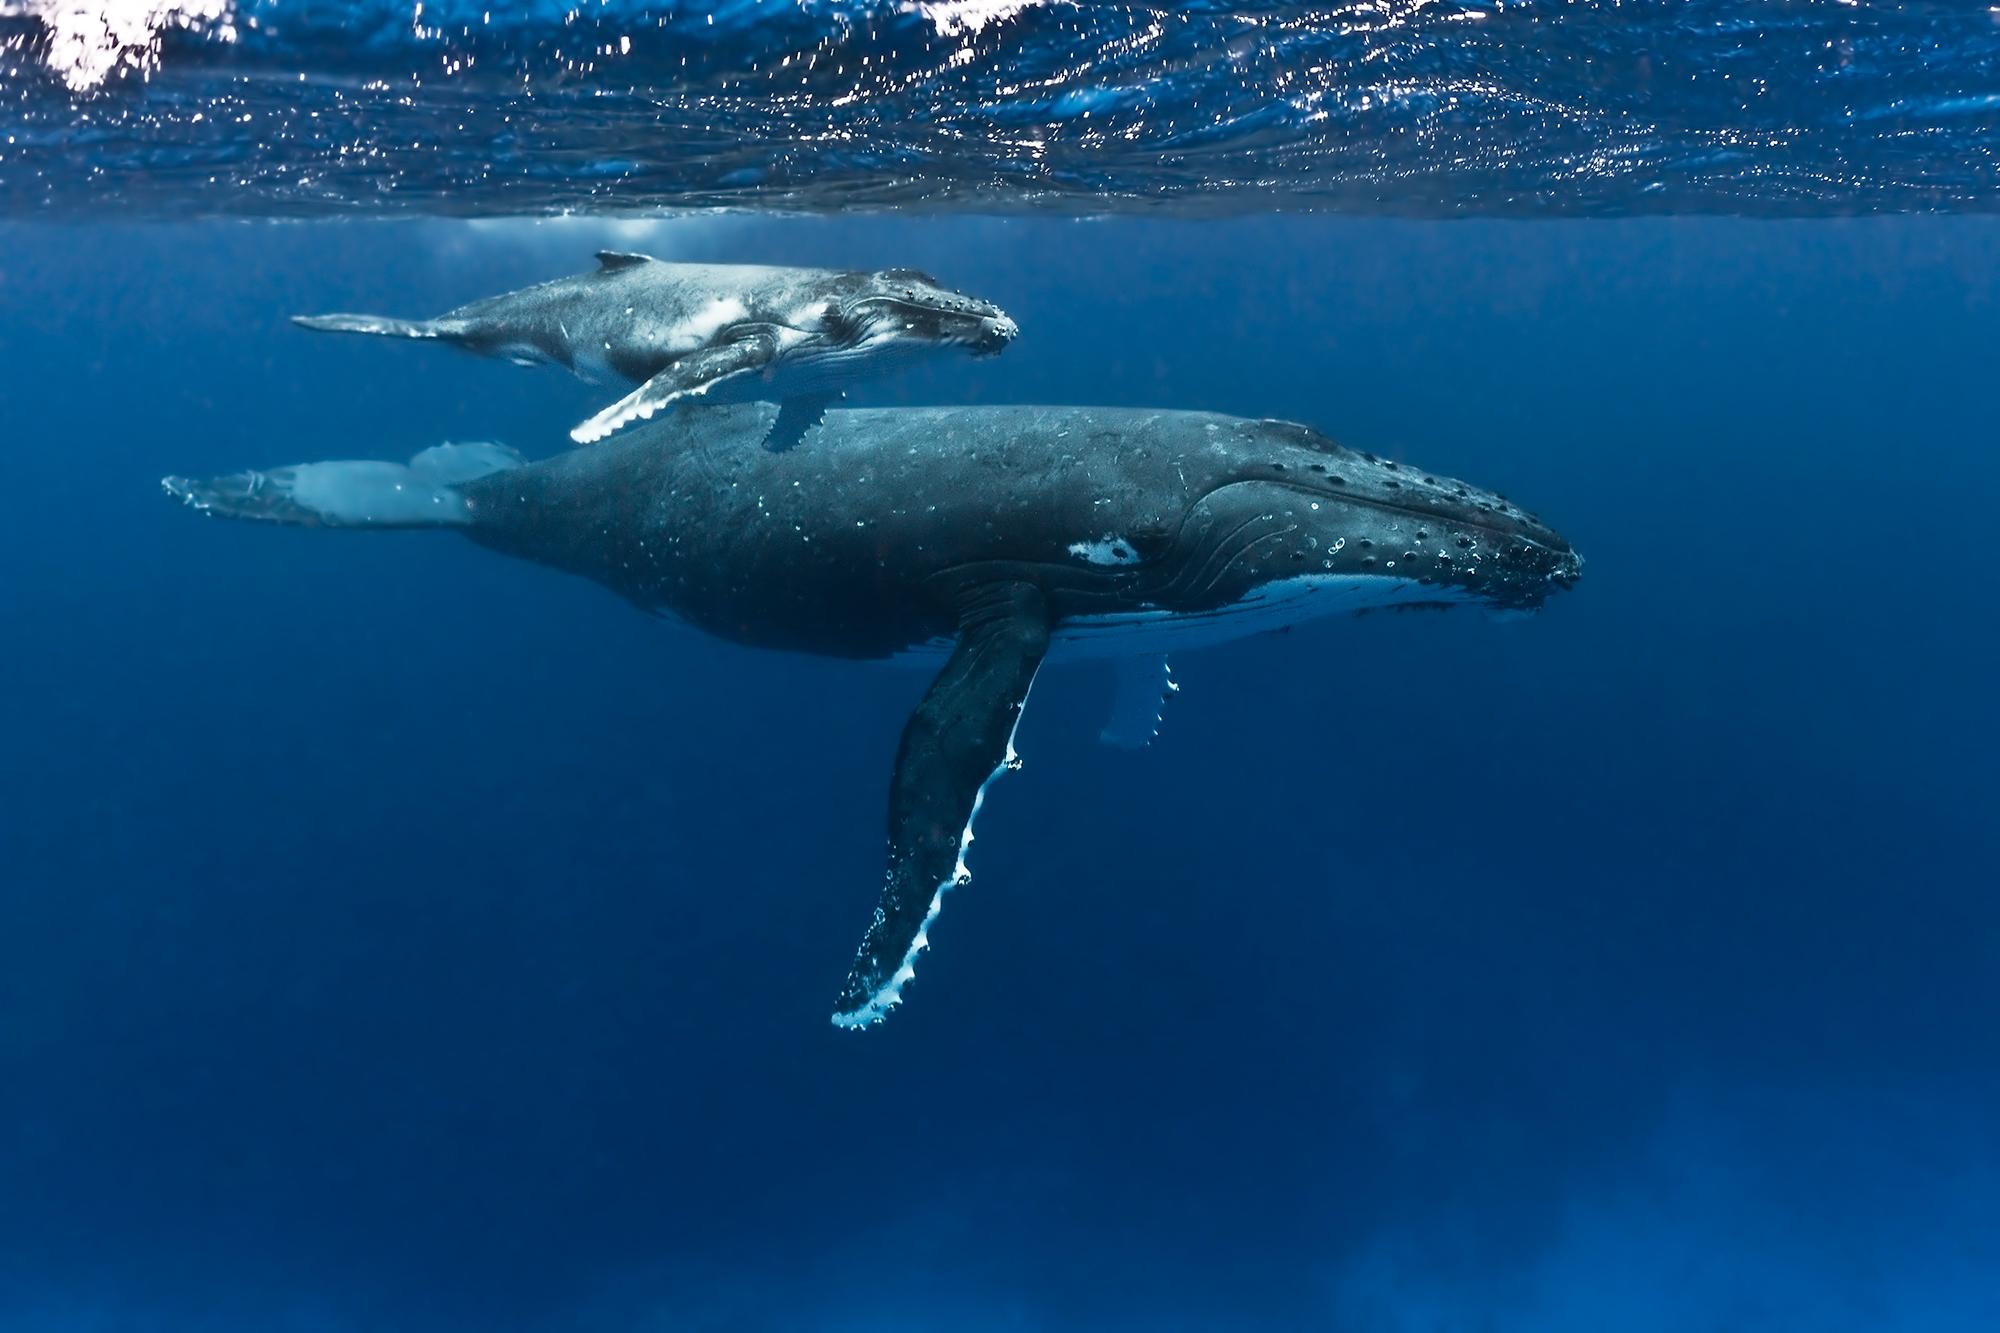 Buckelwale in Tonga - Humpback whales in Tonga